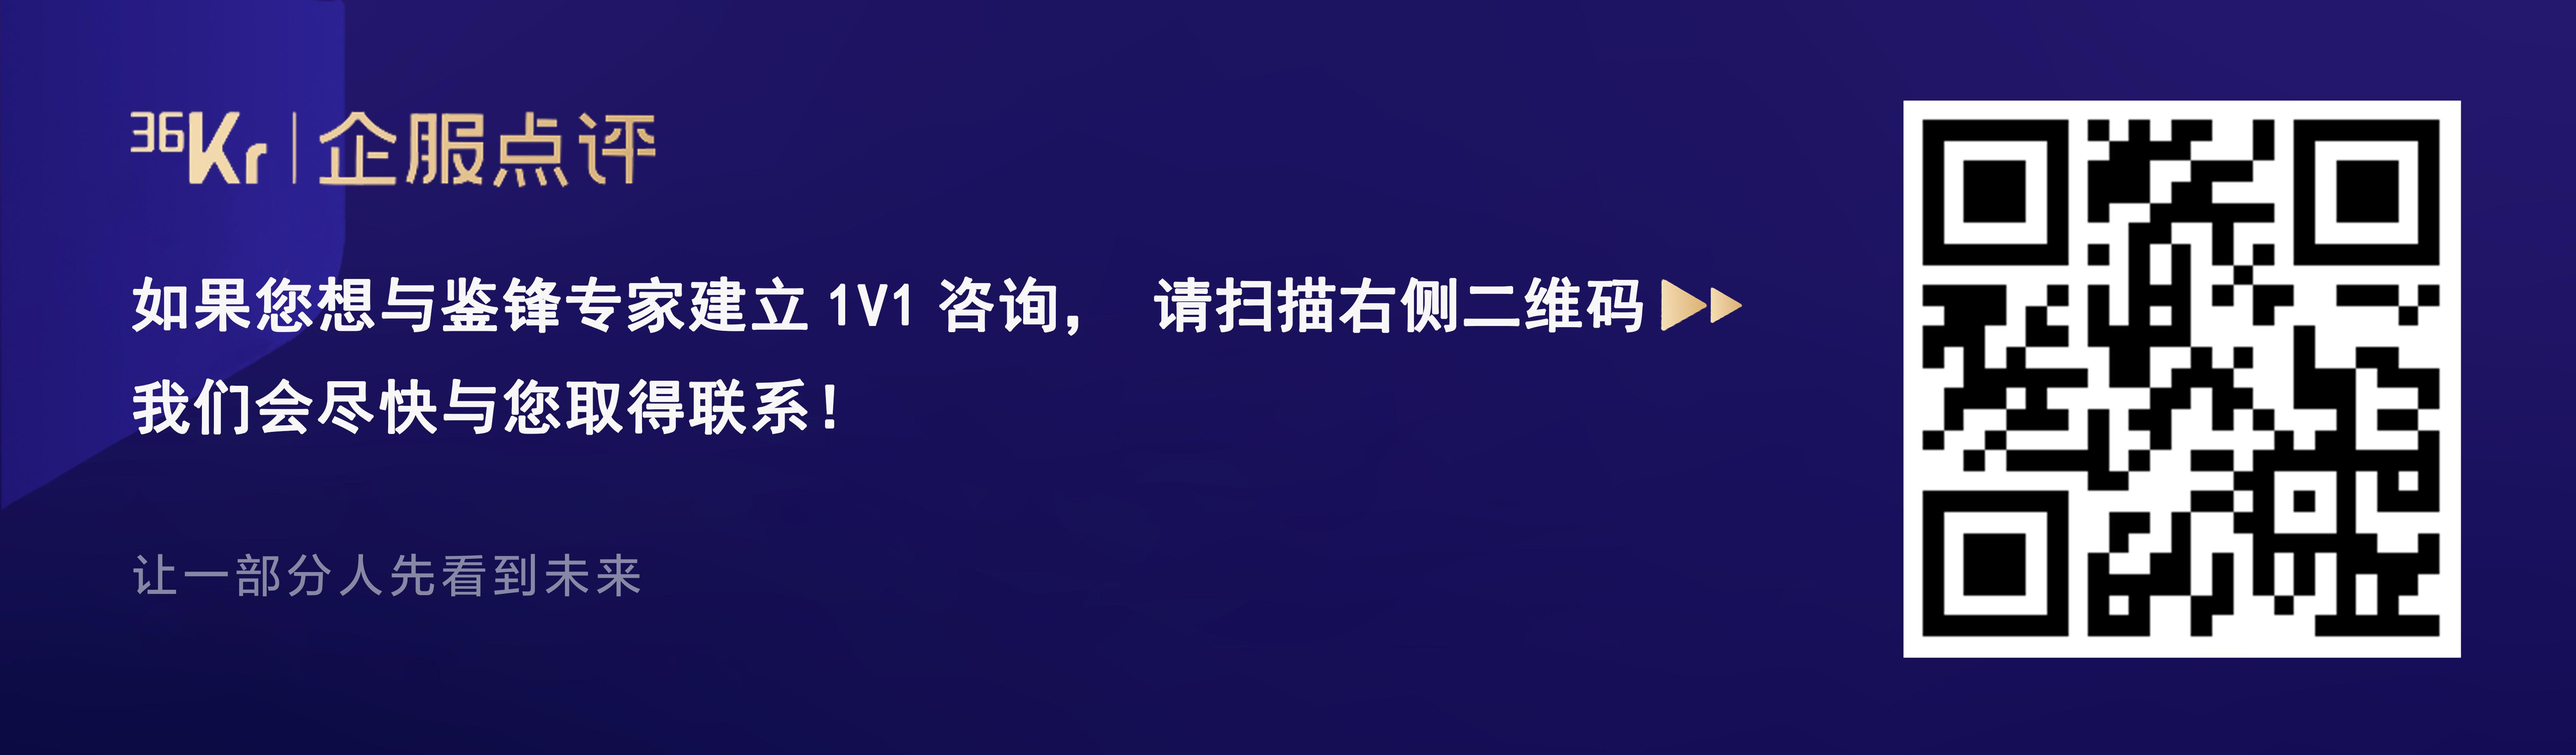 鉴锋:私域打法实战总结,运营人应该如何转型私域?(上)